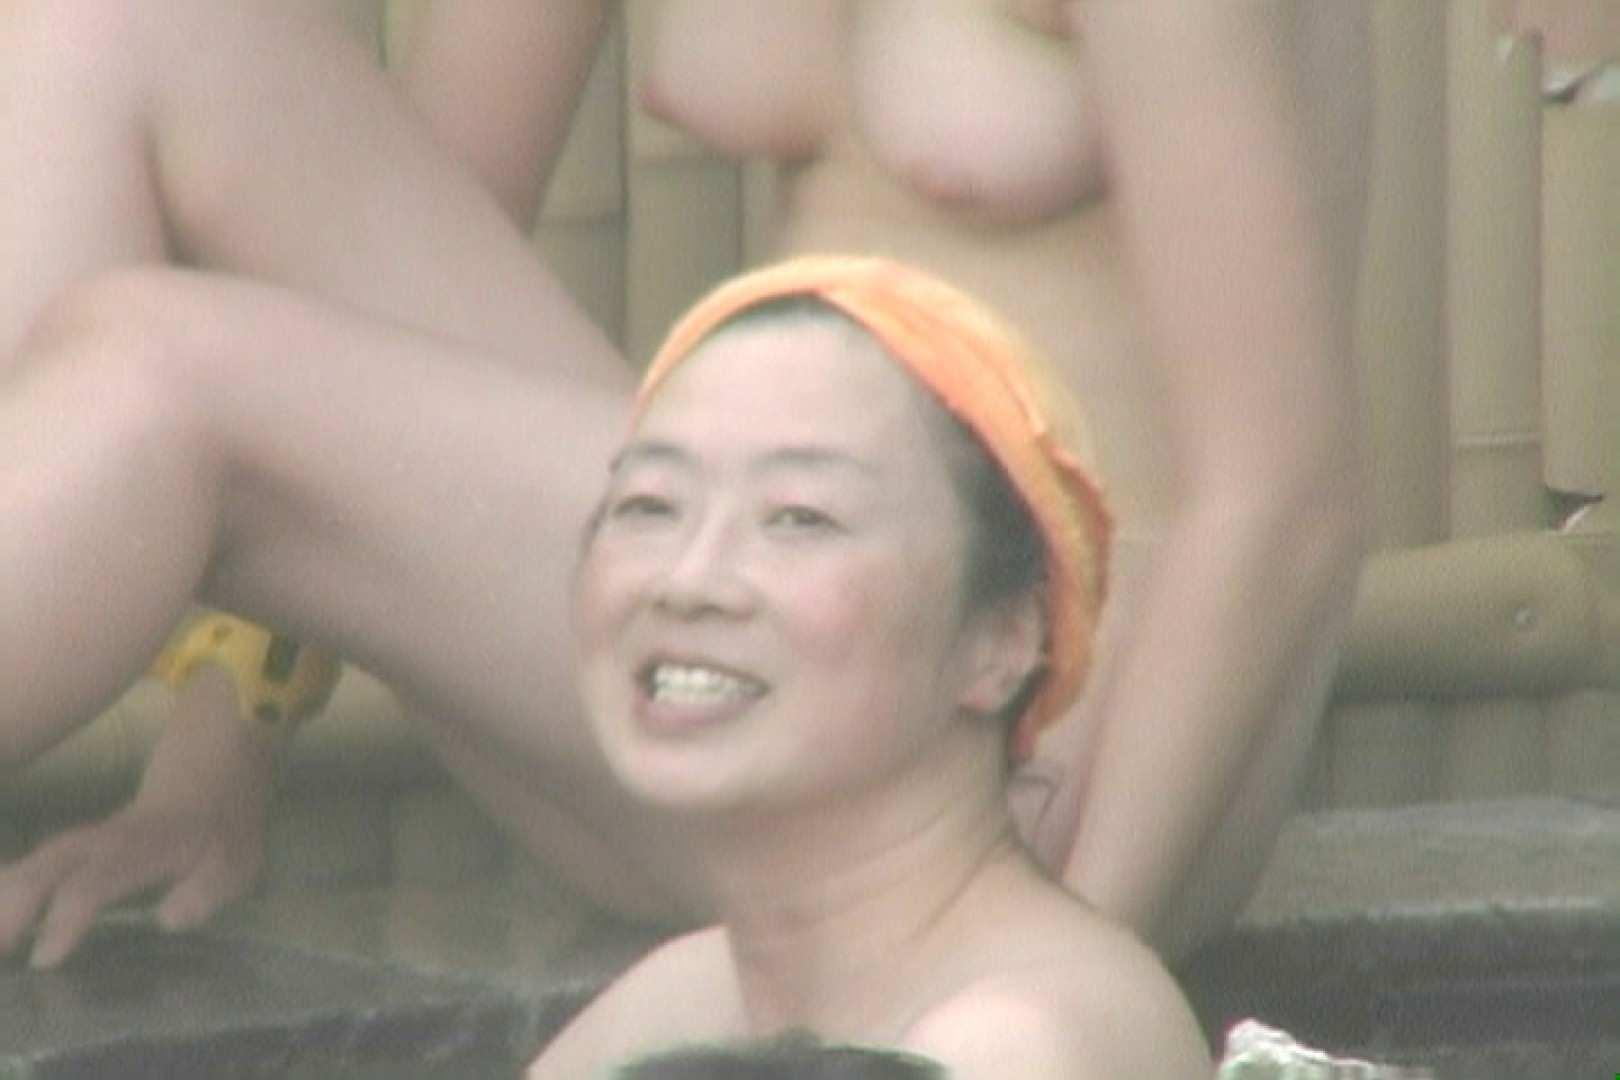 Aquaな露天風呂Vol.625 盗撮師作品 オメコ動画キャプチャ 91pic 11